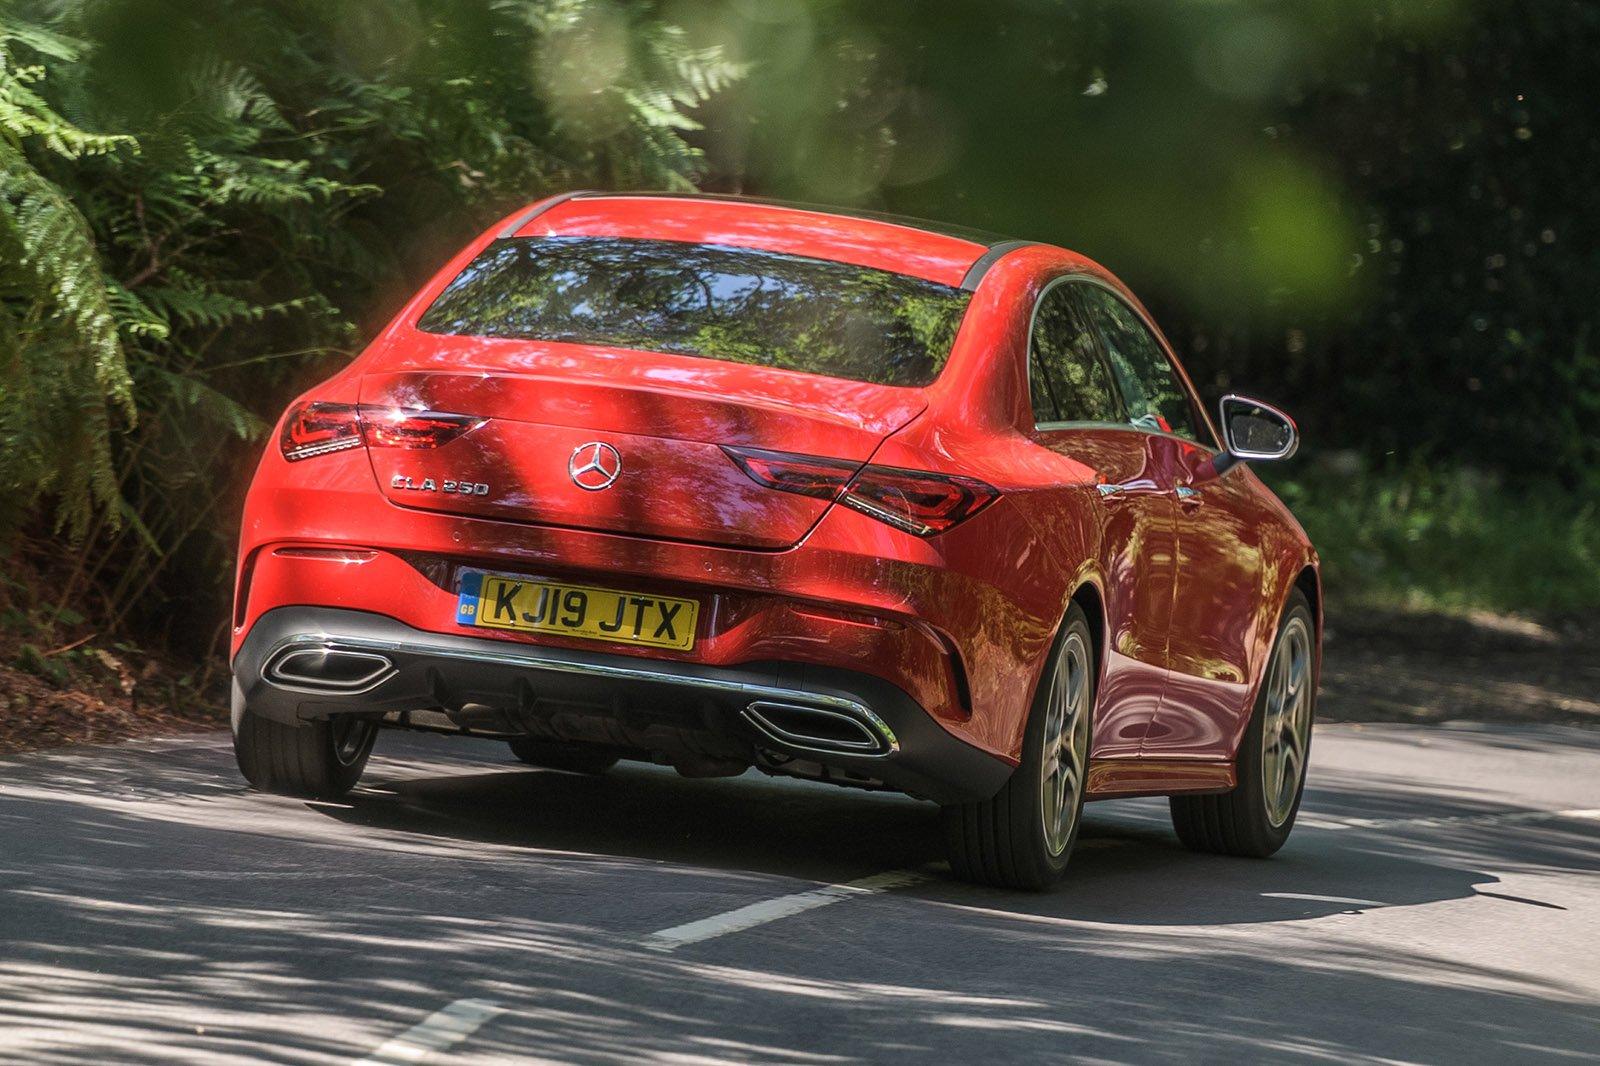 Mercedes CLA 2020 RHD rear right tracking